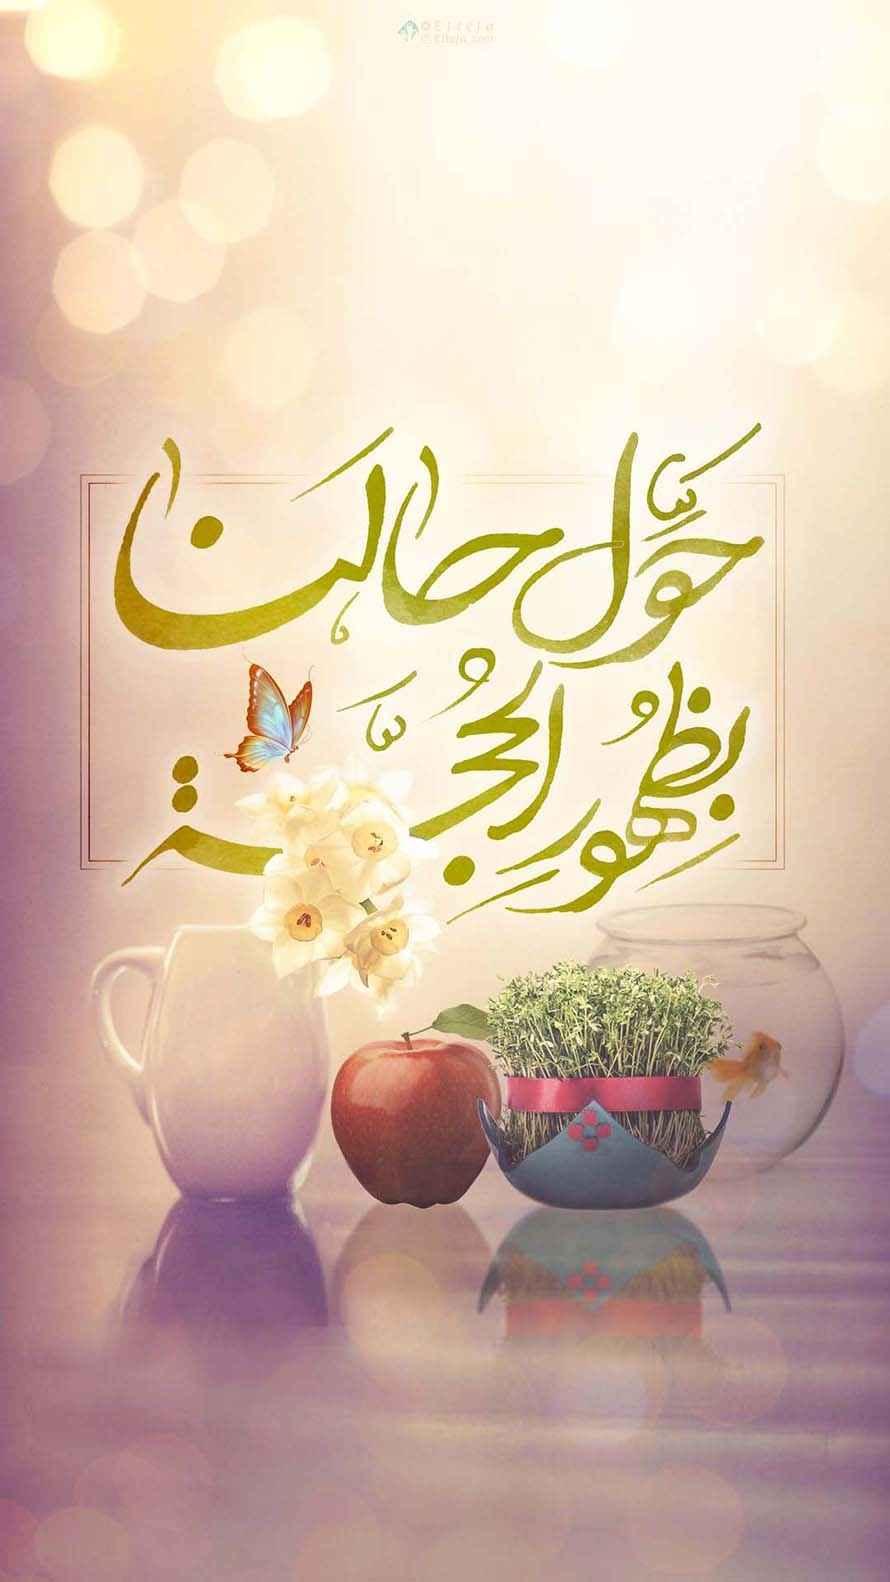 عکس فیلم عید نوروز , تصاویر تبریک عید نوروز جدید